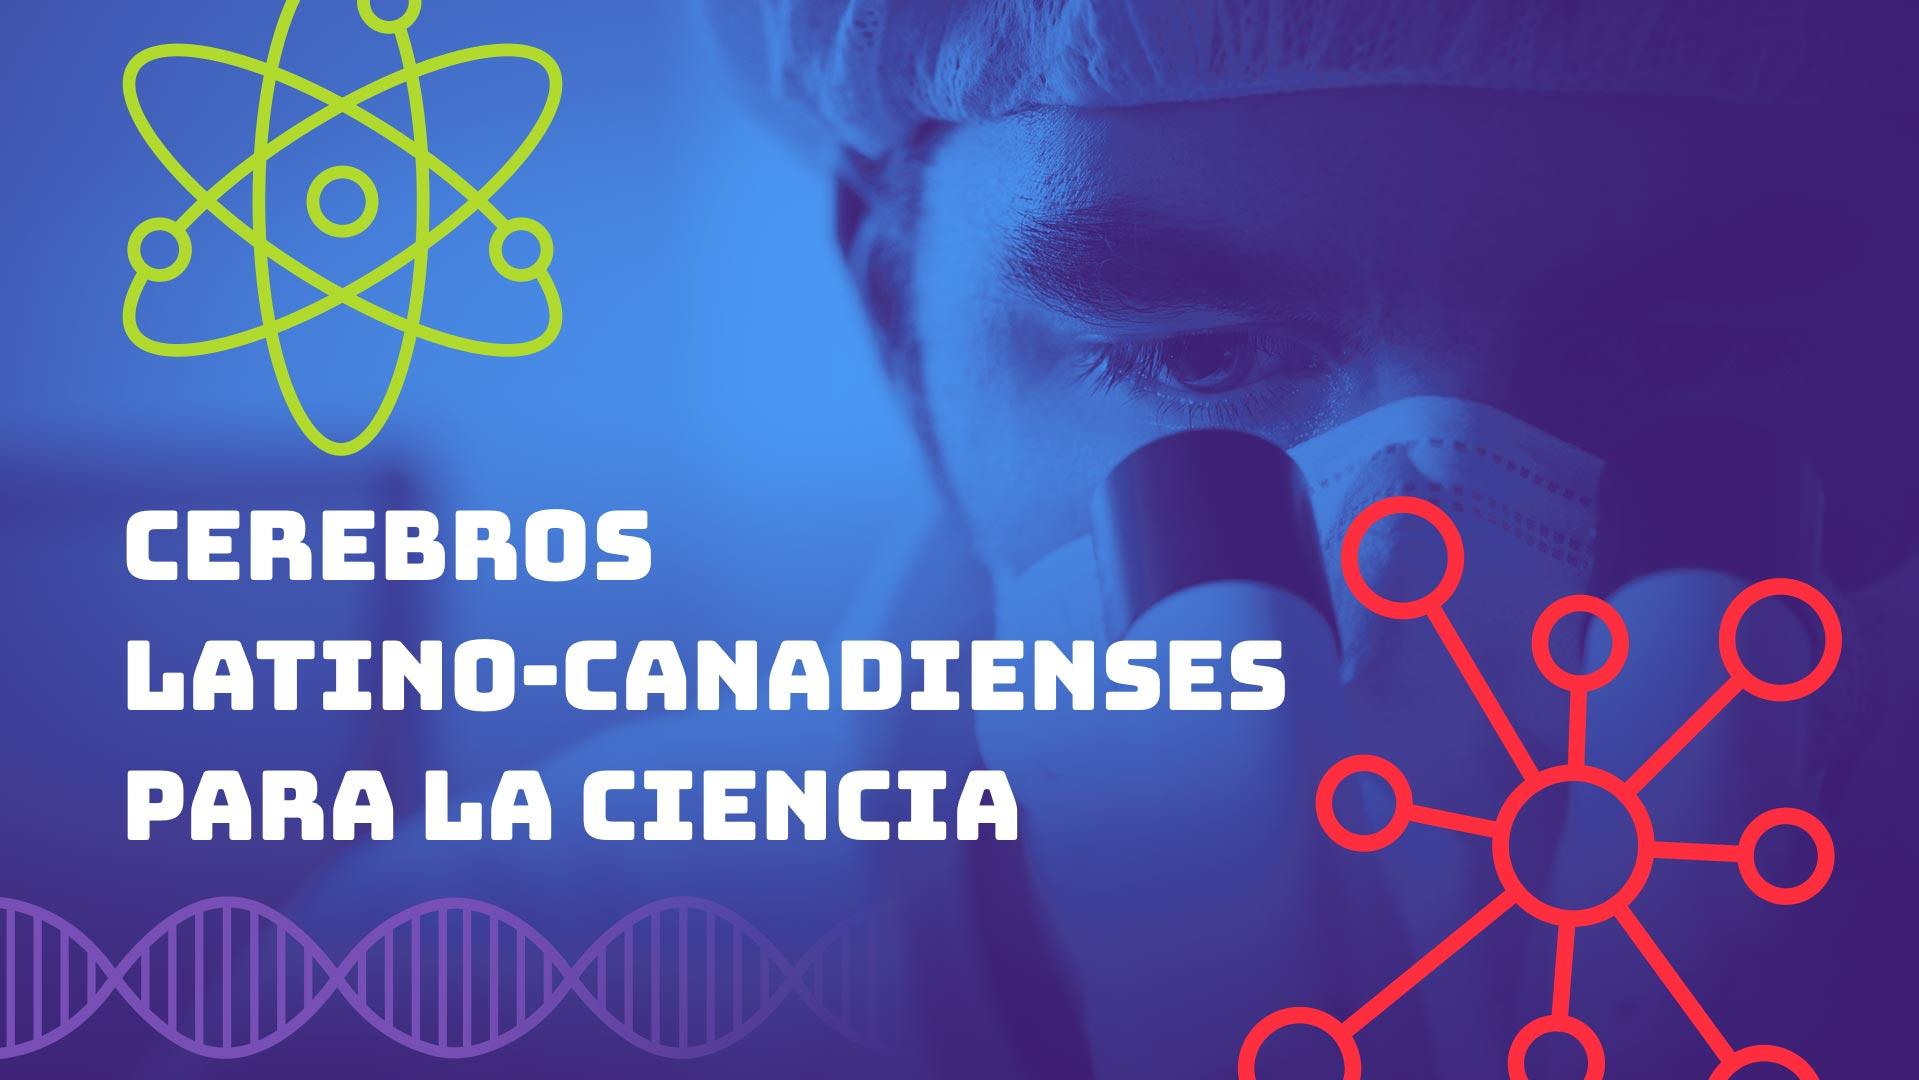 """带有白色背景的""""拉丁裔加拿大科学科学家""""文本以及各种科学符号,并附有研究者照片的背景"""